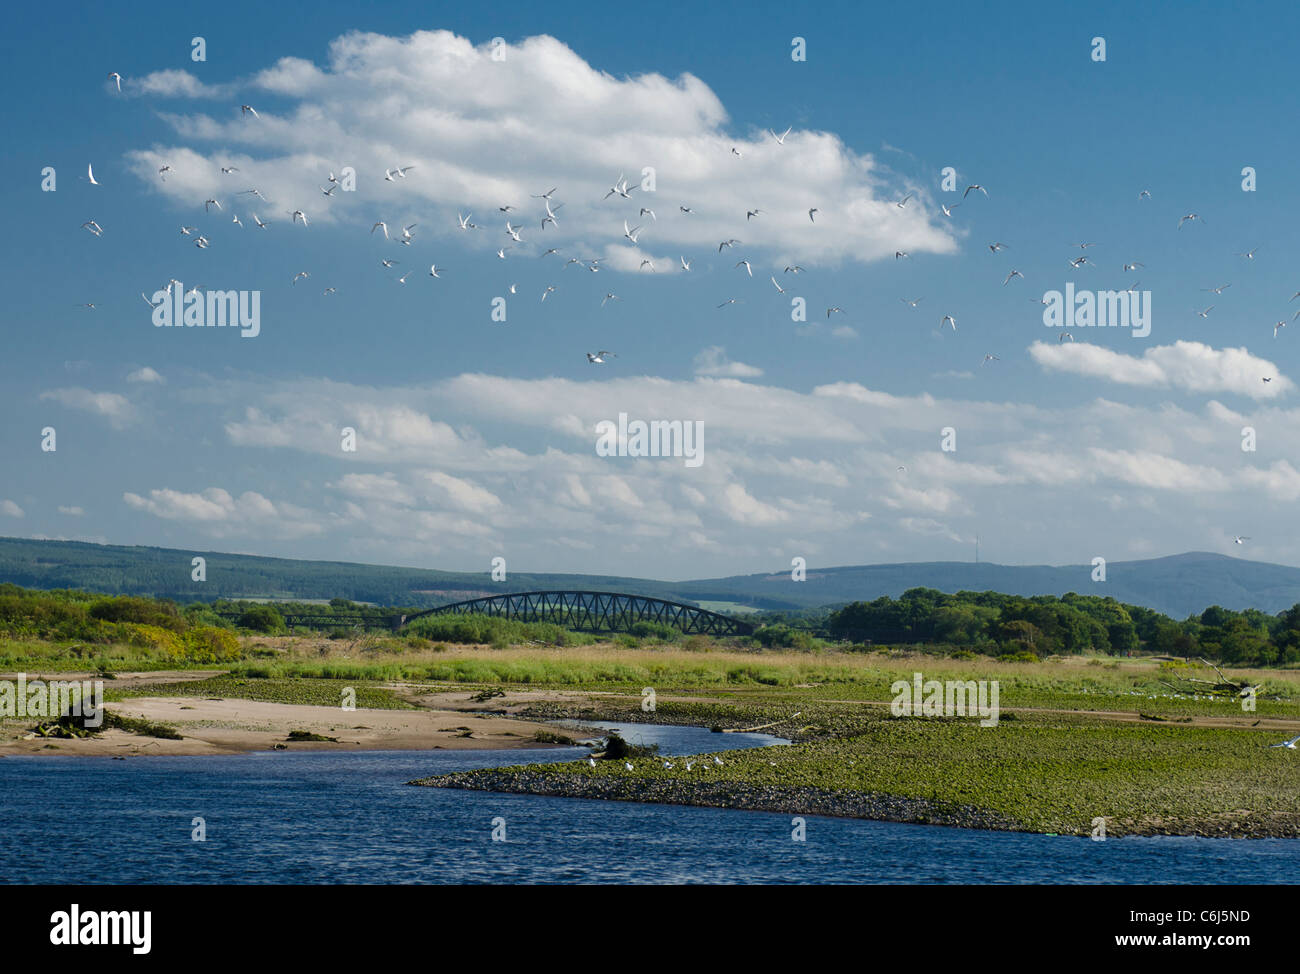 Ansicht der Metallbrücke mit Seeschwalben im Flug und der Mündung des River Spey in Spey Bay, Moray Küste Stockbild